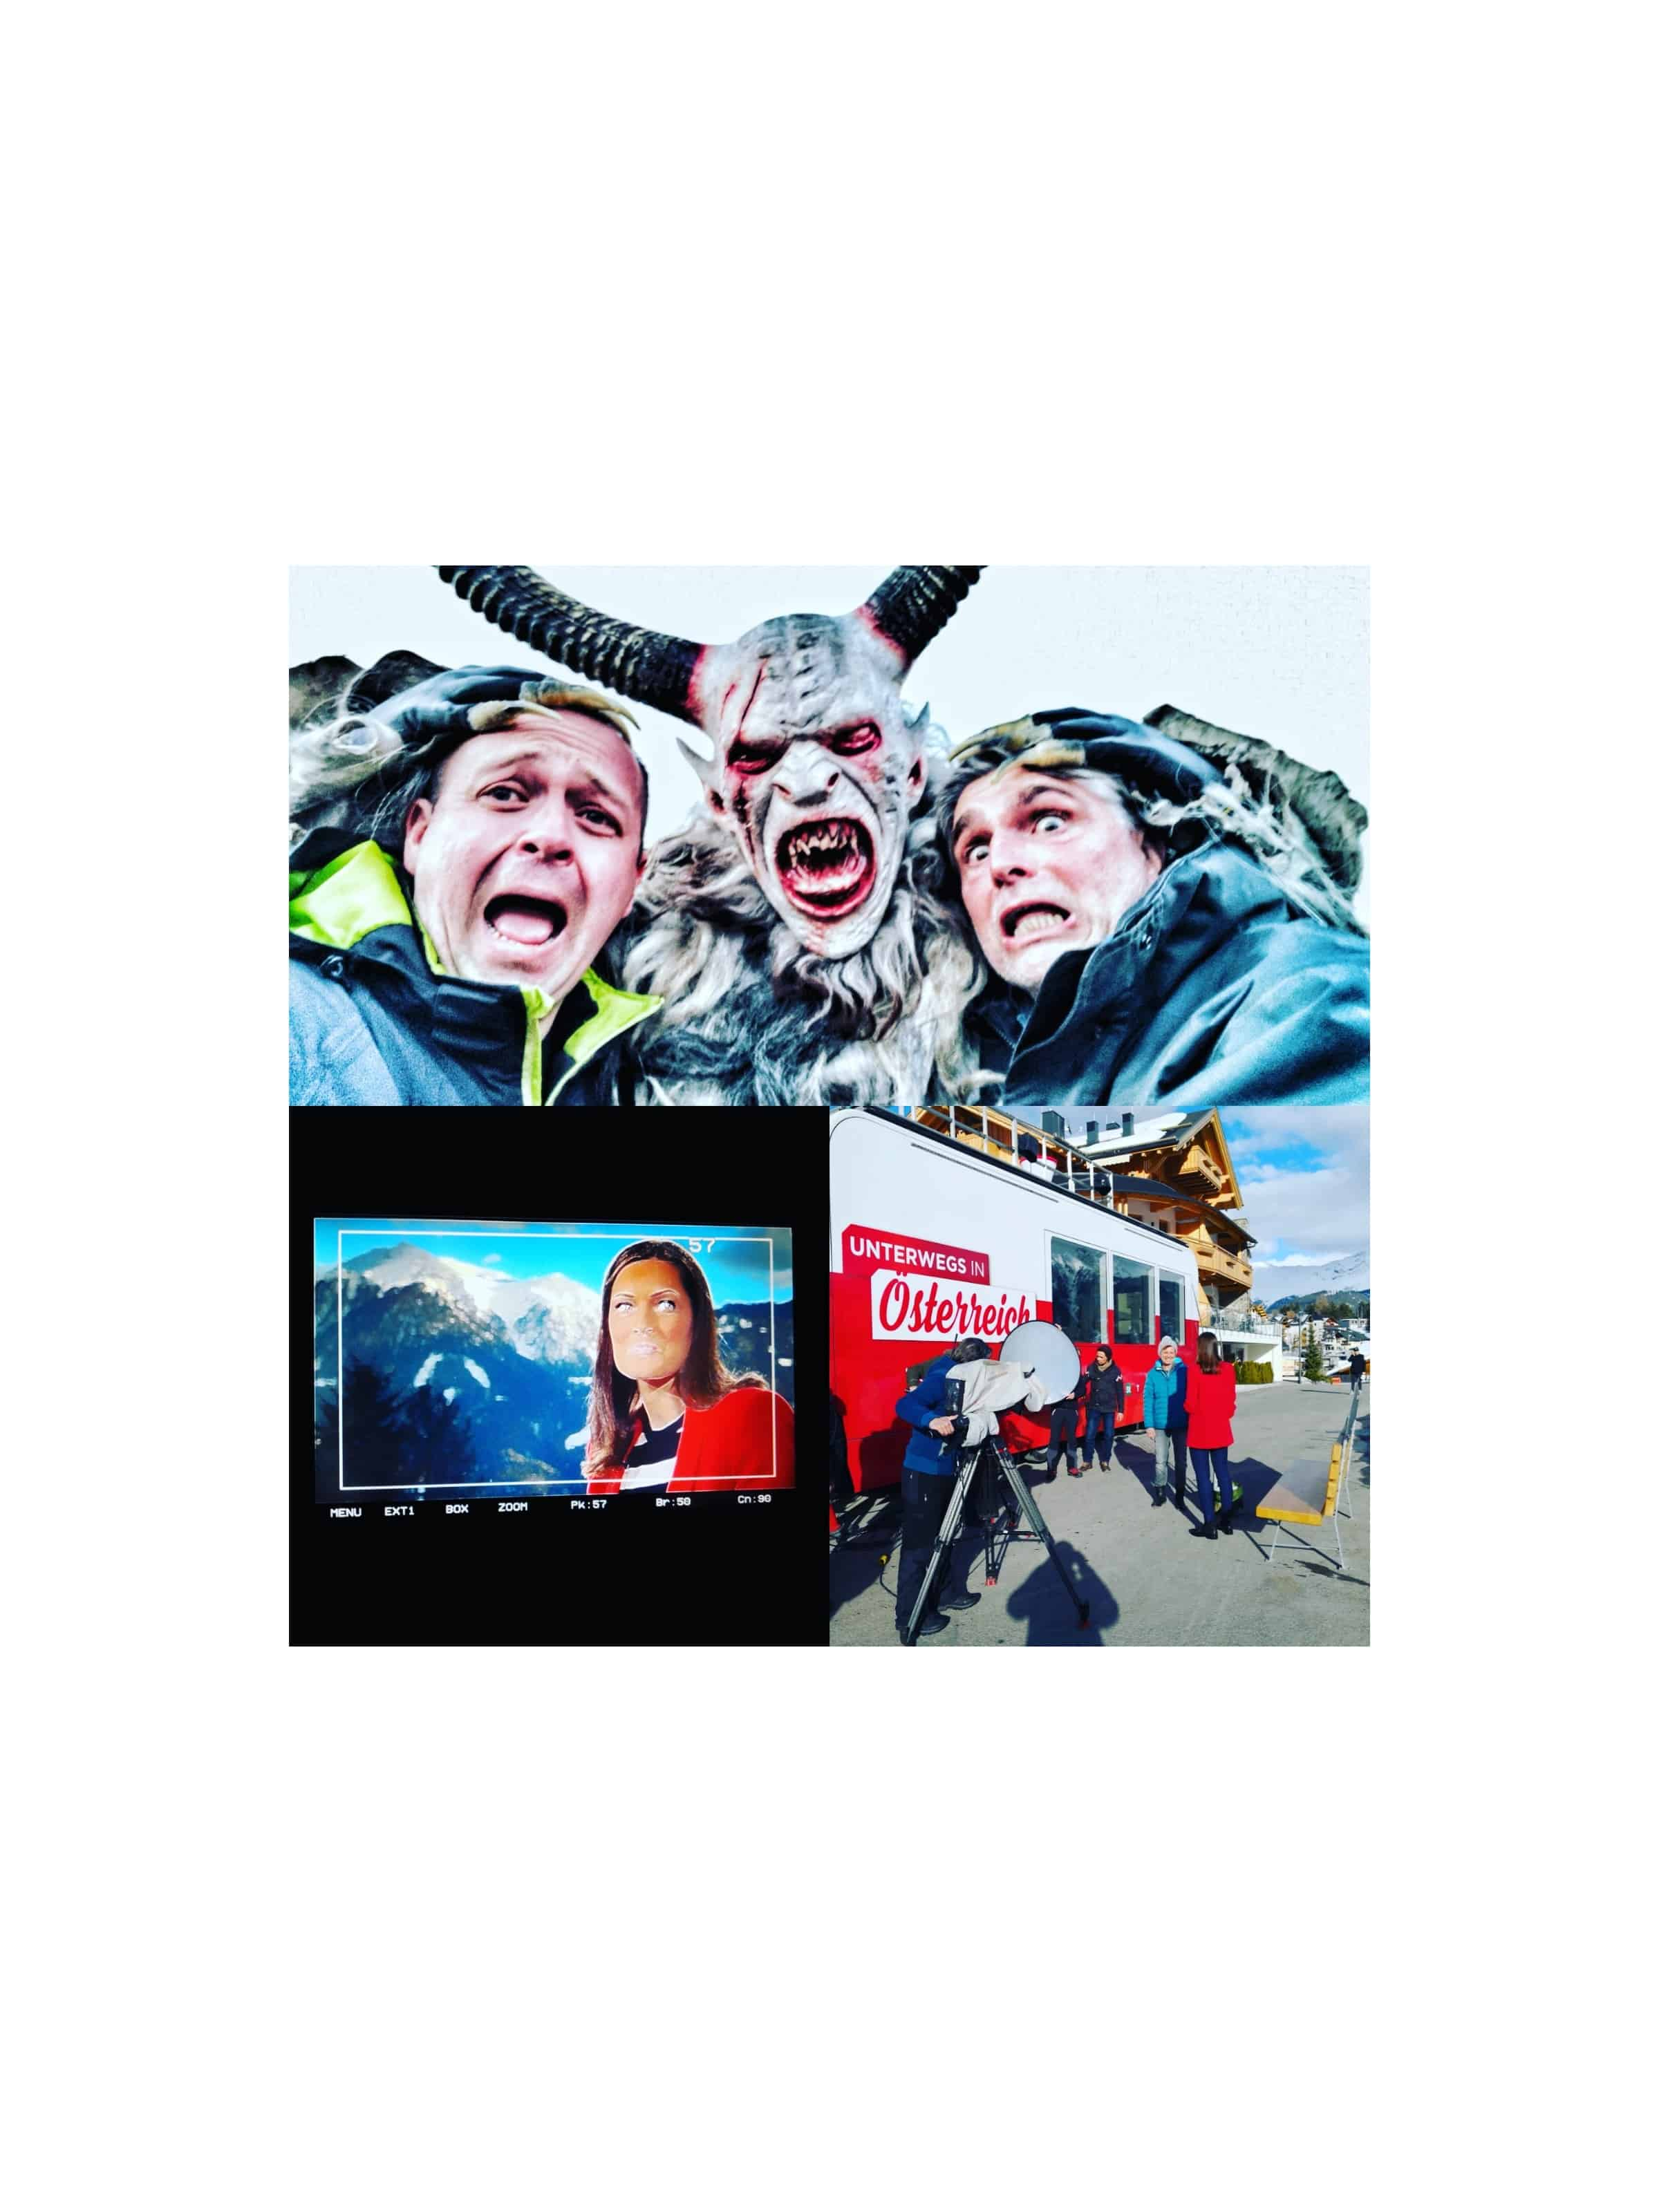 andreas felder kameramann ORF Guten Morgen Österreich ORF Daheim in Österreich 18 NA - ORF Unterwegs in Österreich